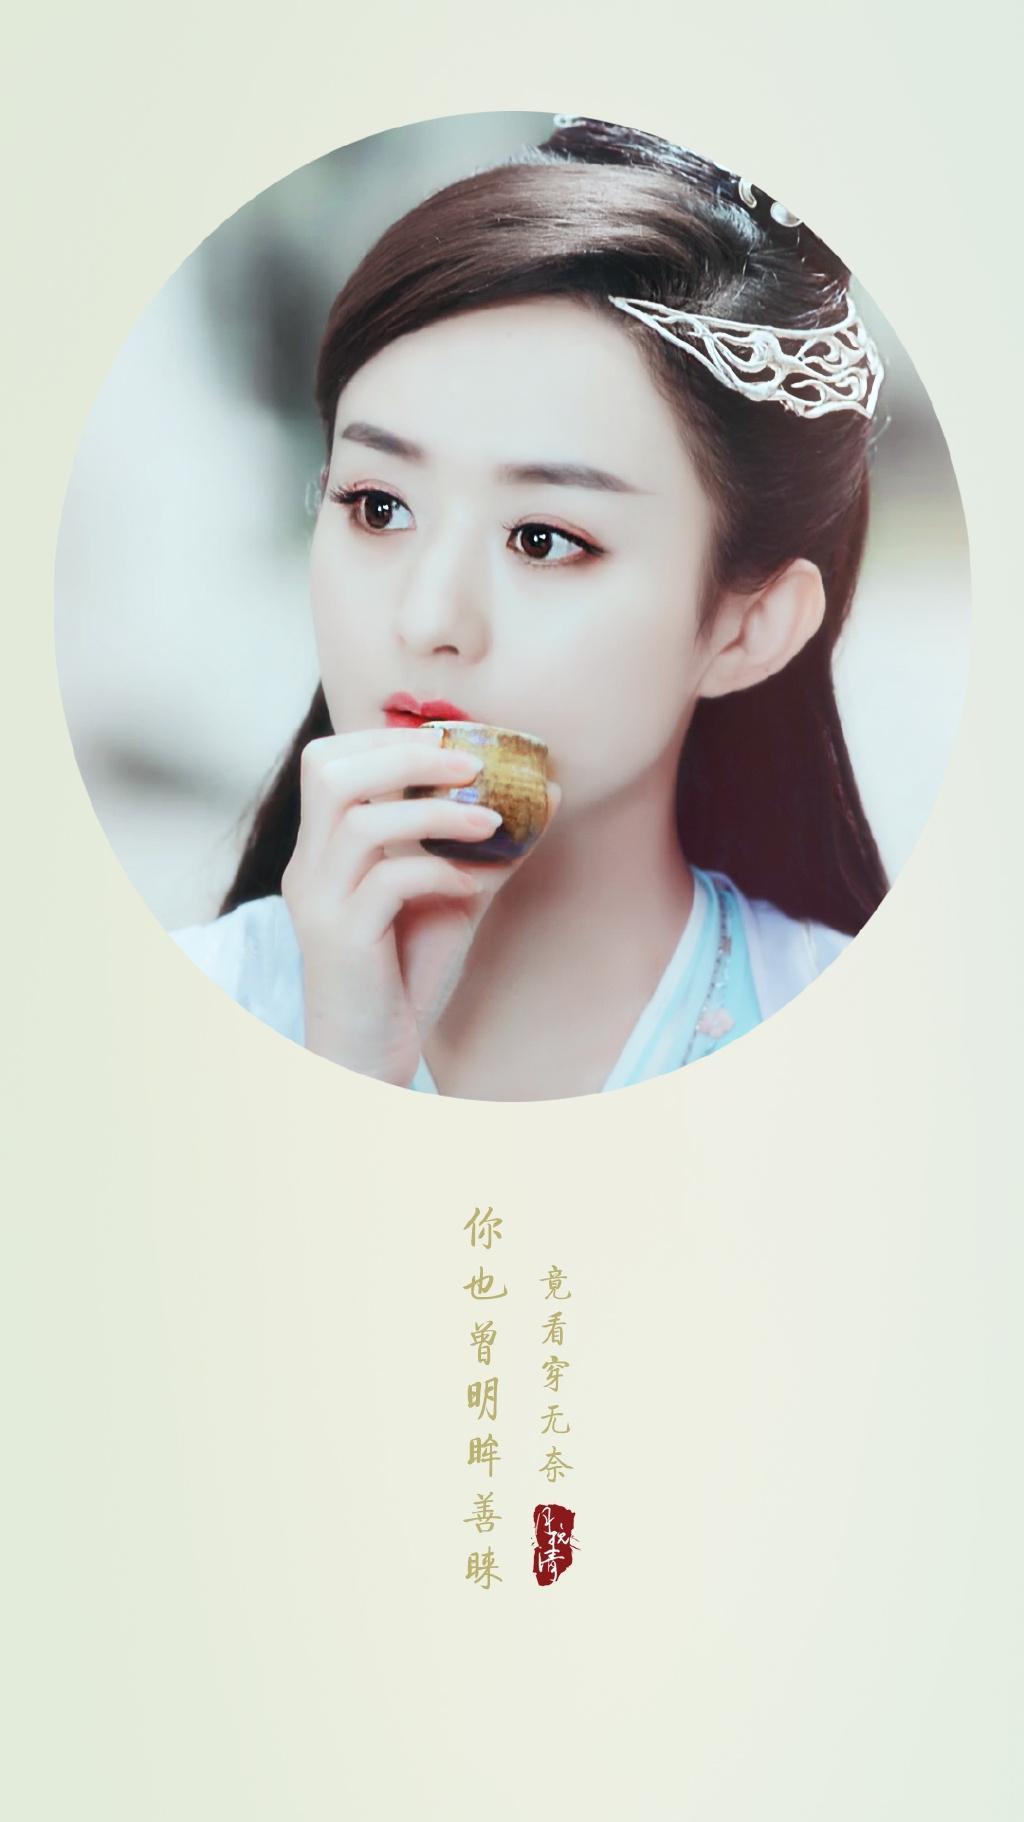 [赵丽颖][分享]160828 碧瑶大小姐壁纸分享图片